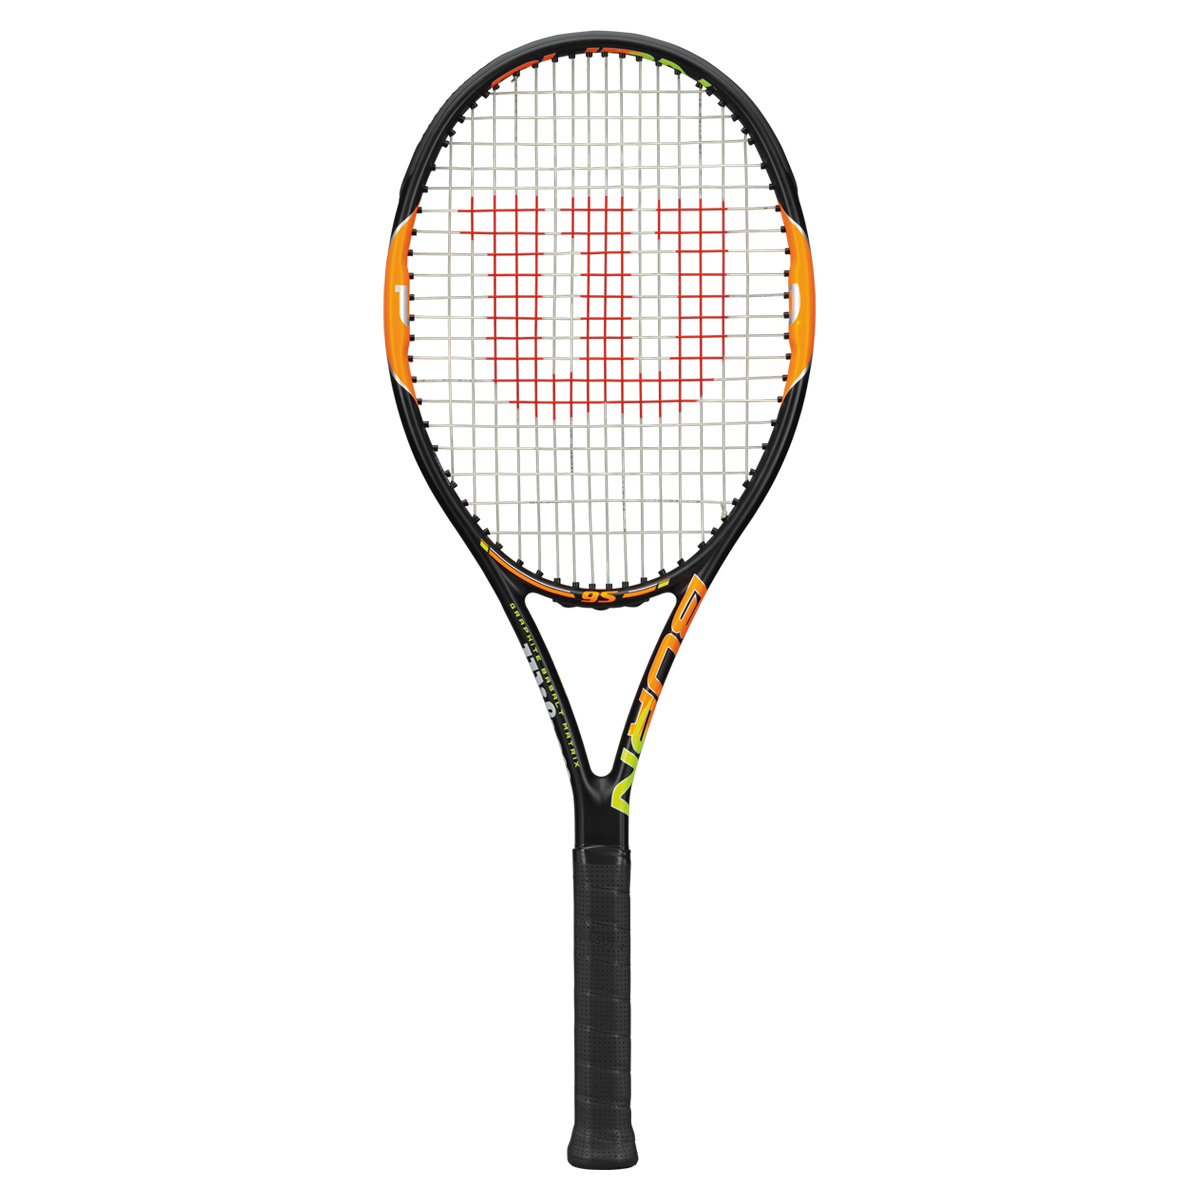 ウイルソンバーン95 BURN95 wrt727120x  テニス ラケット 硬式 Wilson 2015SS 送料無料 当店指定ガットでのガット張り無料!